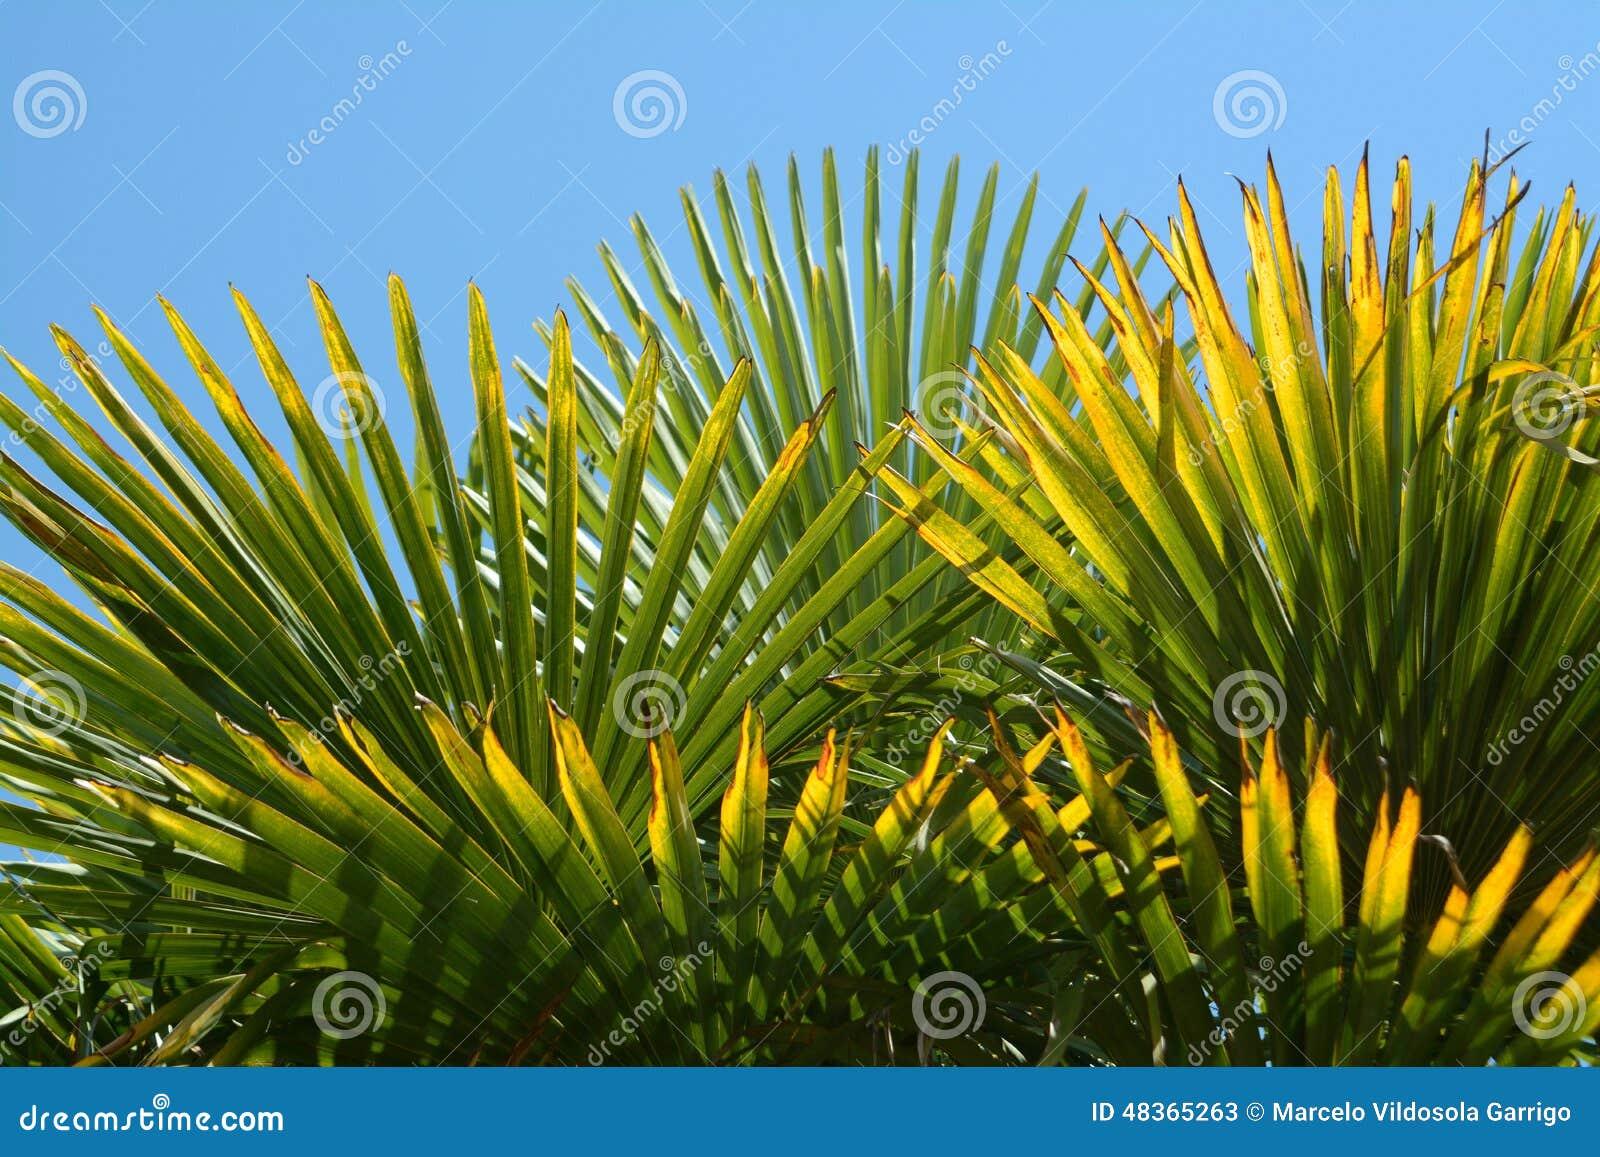 棕榈树的绿色叶子的纹理.图片